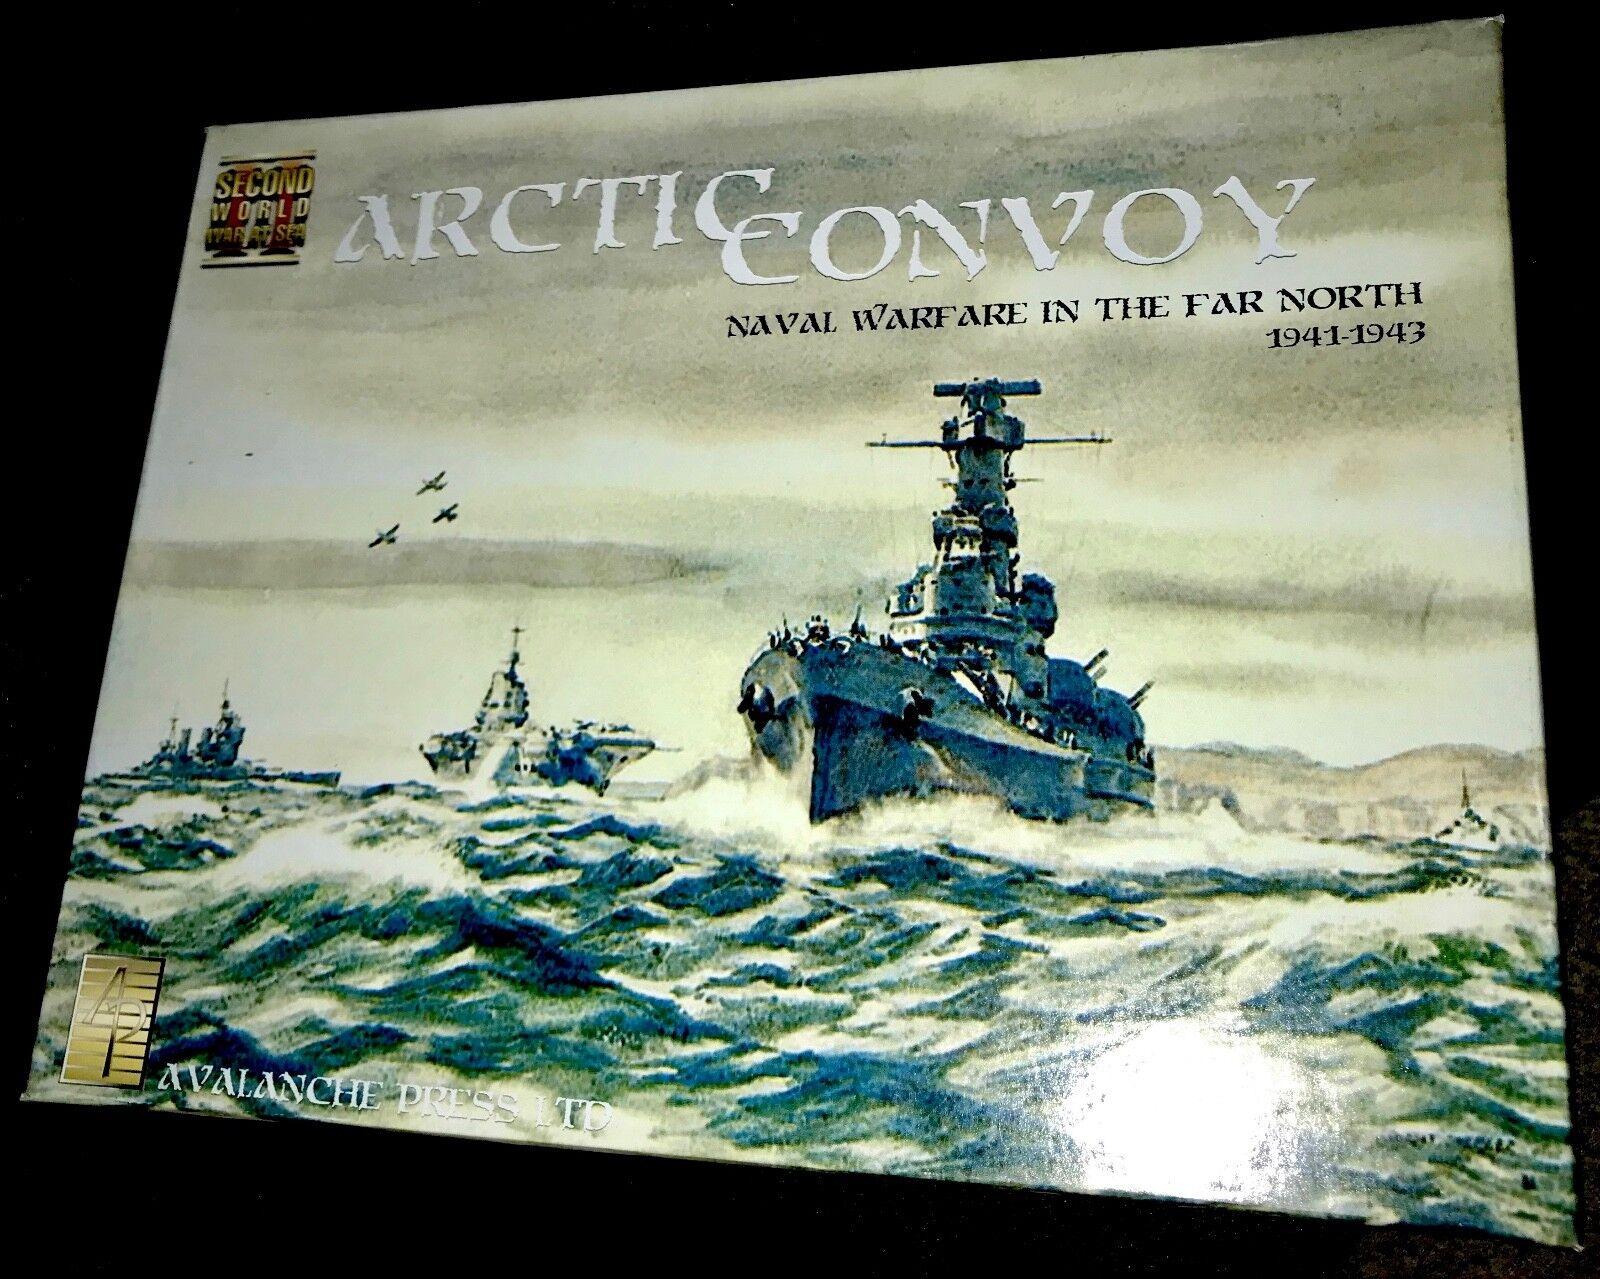 Arctic Convoy Board Game Naval Warfare in the Far North 1941-1943